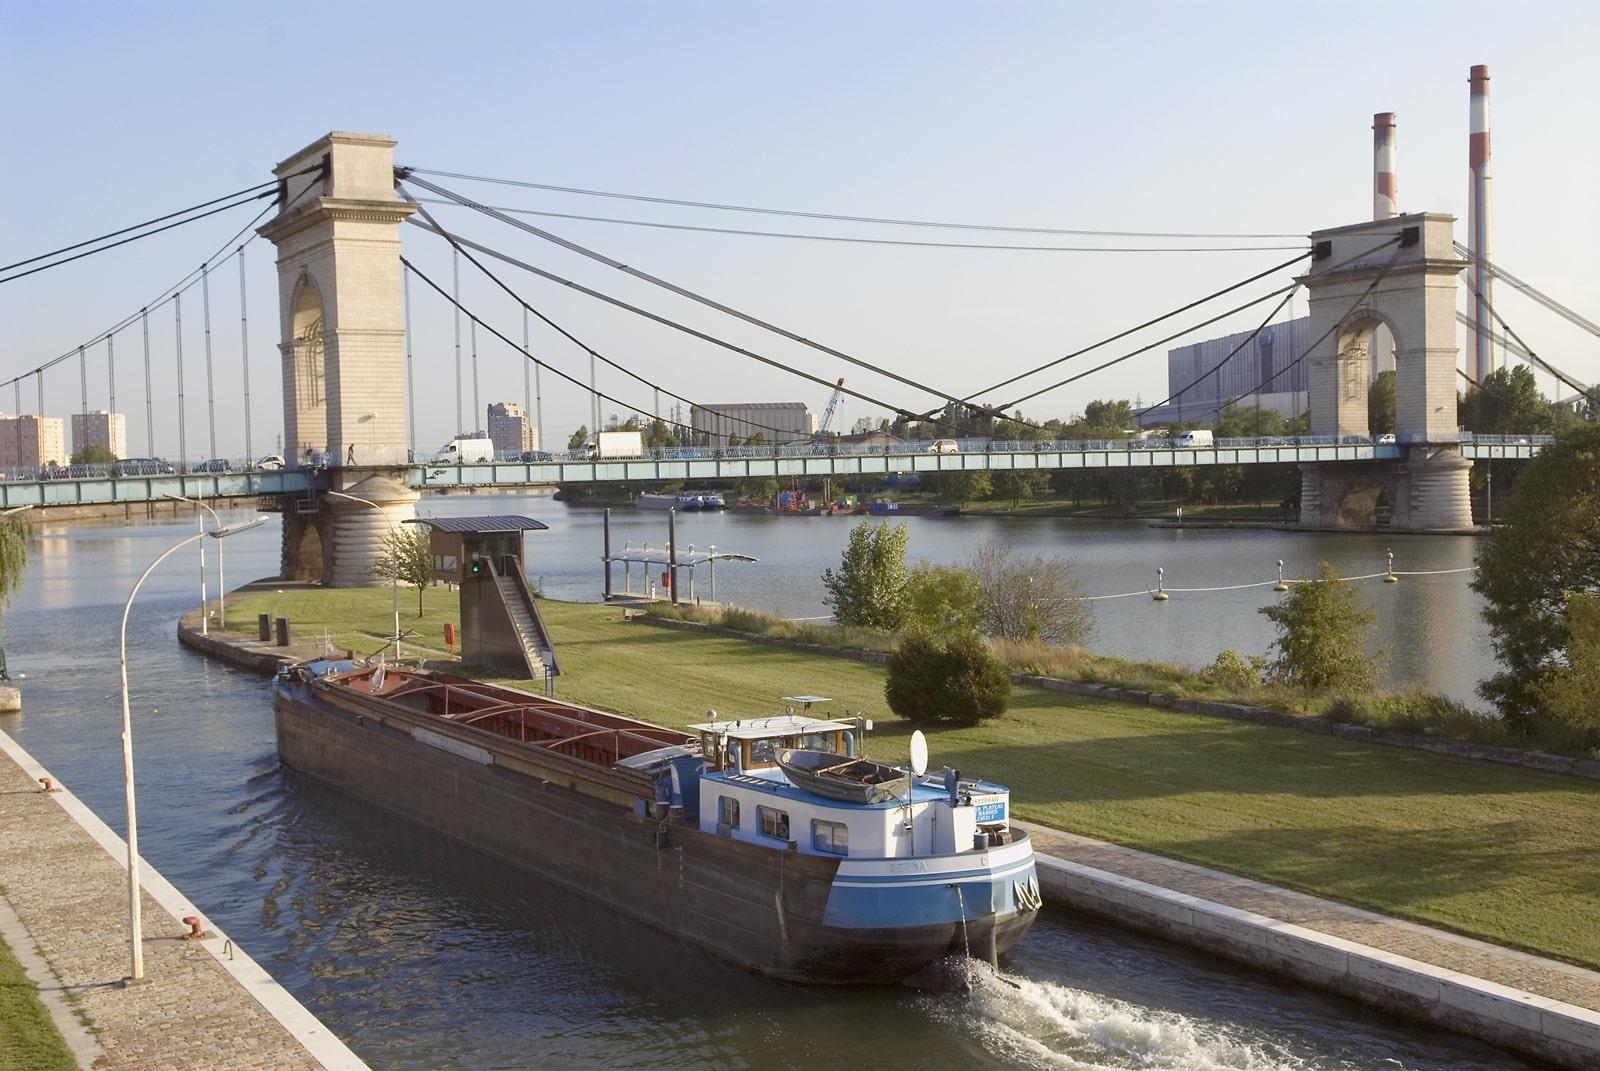 pont-port-anglais-5